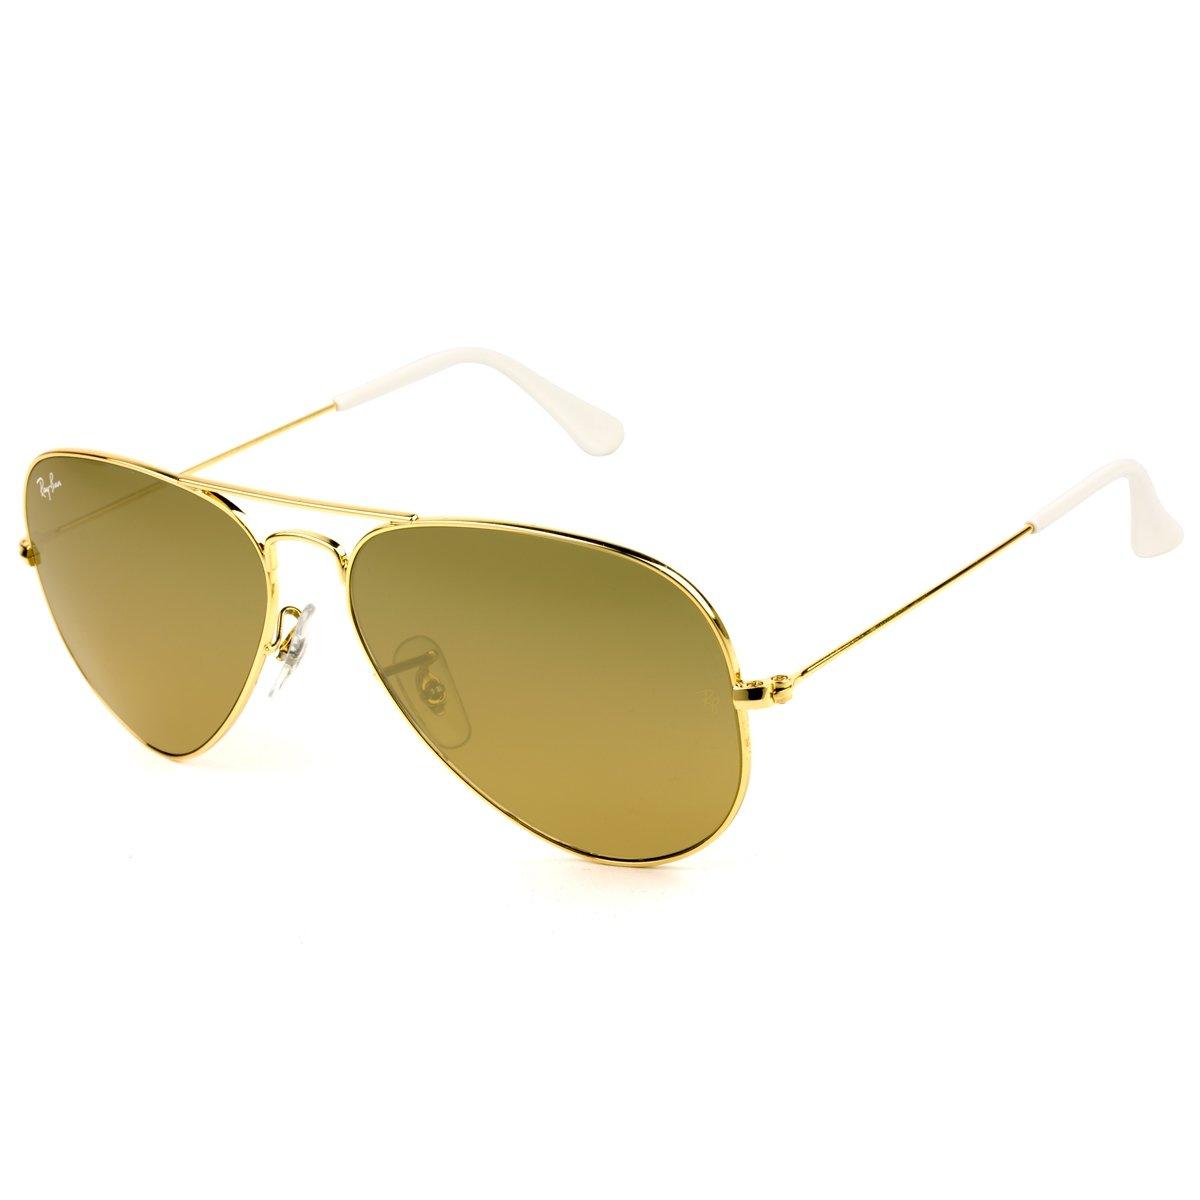 da74b50ab2bde Óculos de Sol Ray Ban Aviador RB3025L-001 3K 58